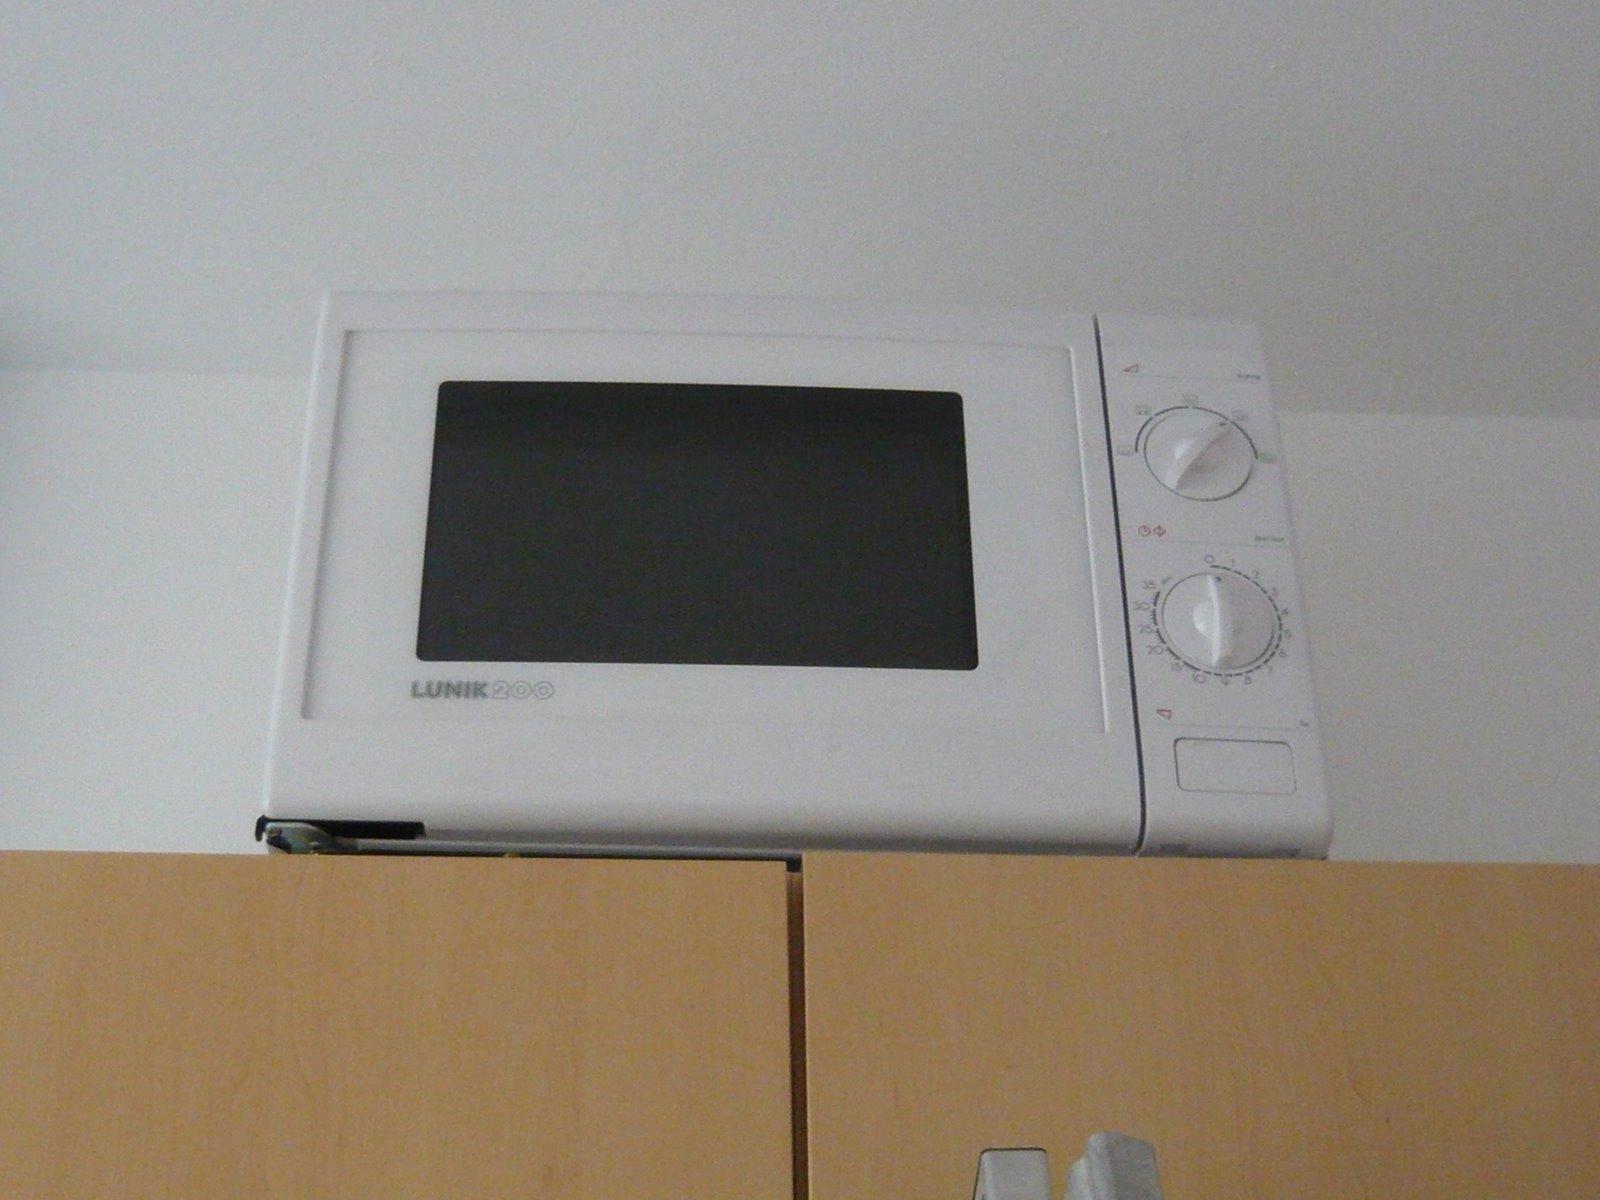 Mikrowelle In Schrank Stellen : mopsis baublog mikrowelle angeschlossen ~ Watch28wear.com Haus und Dekorationen